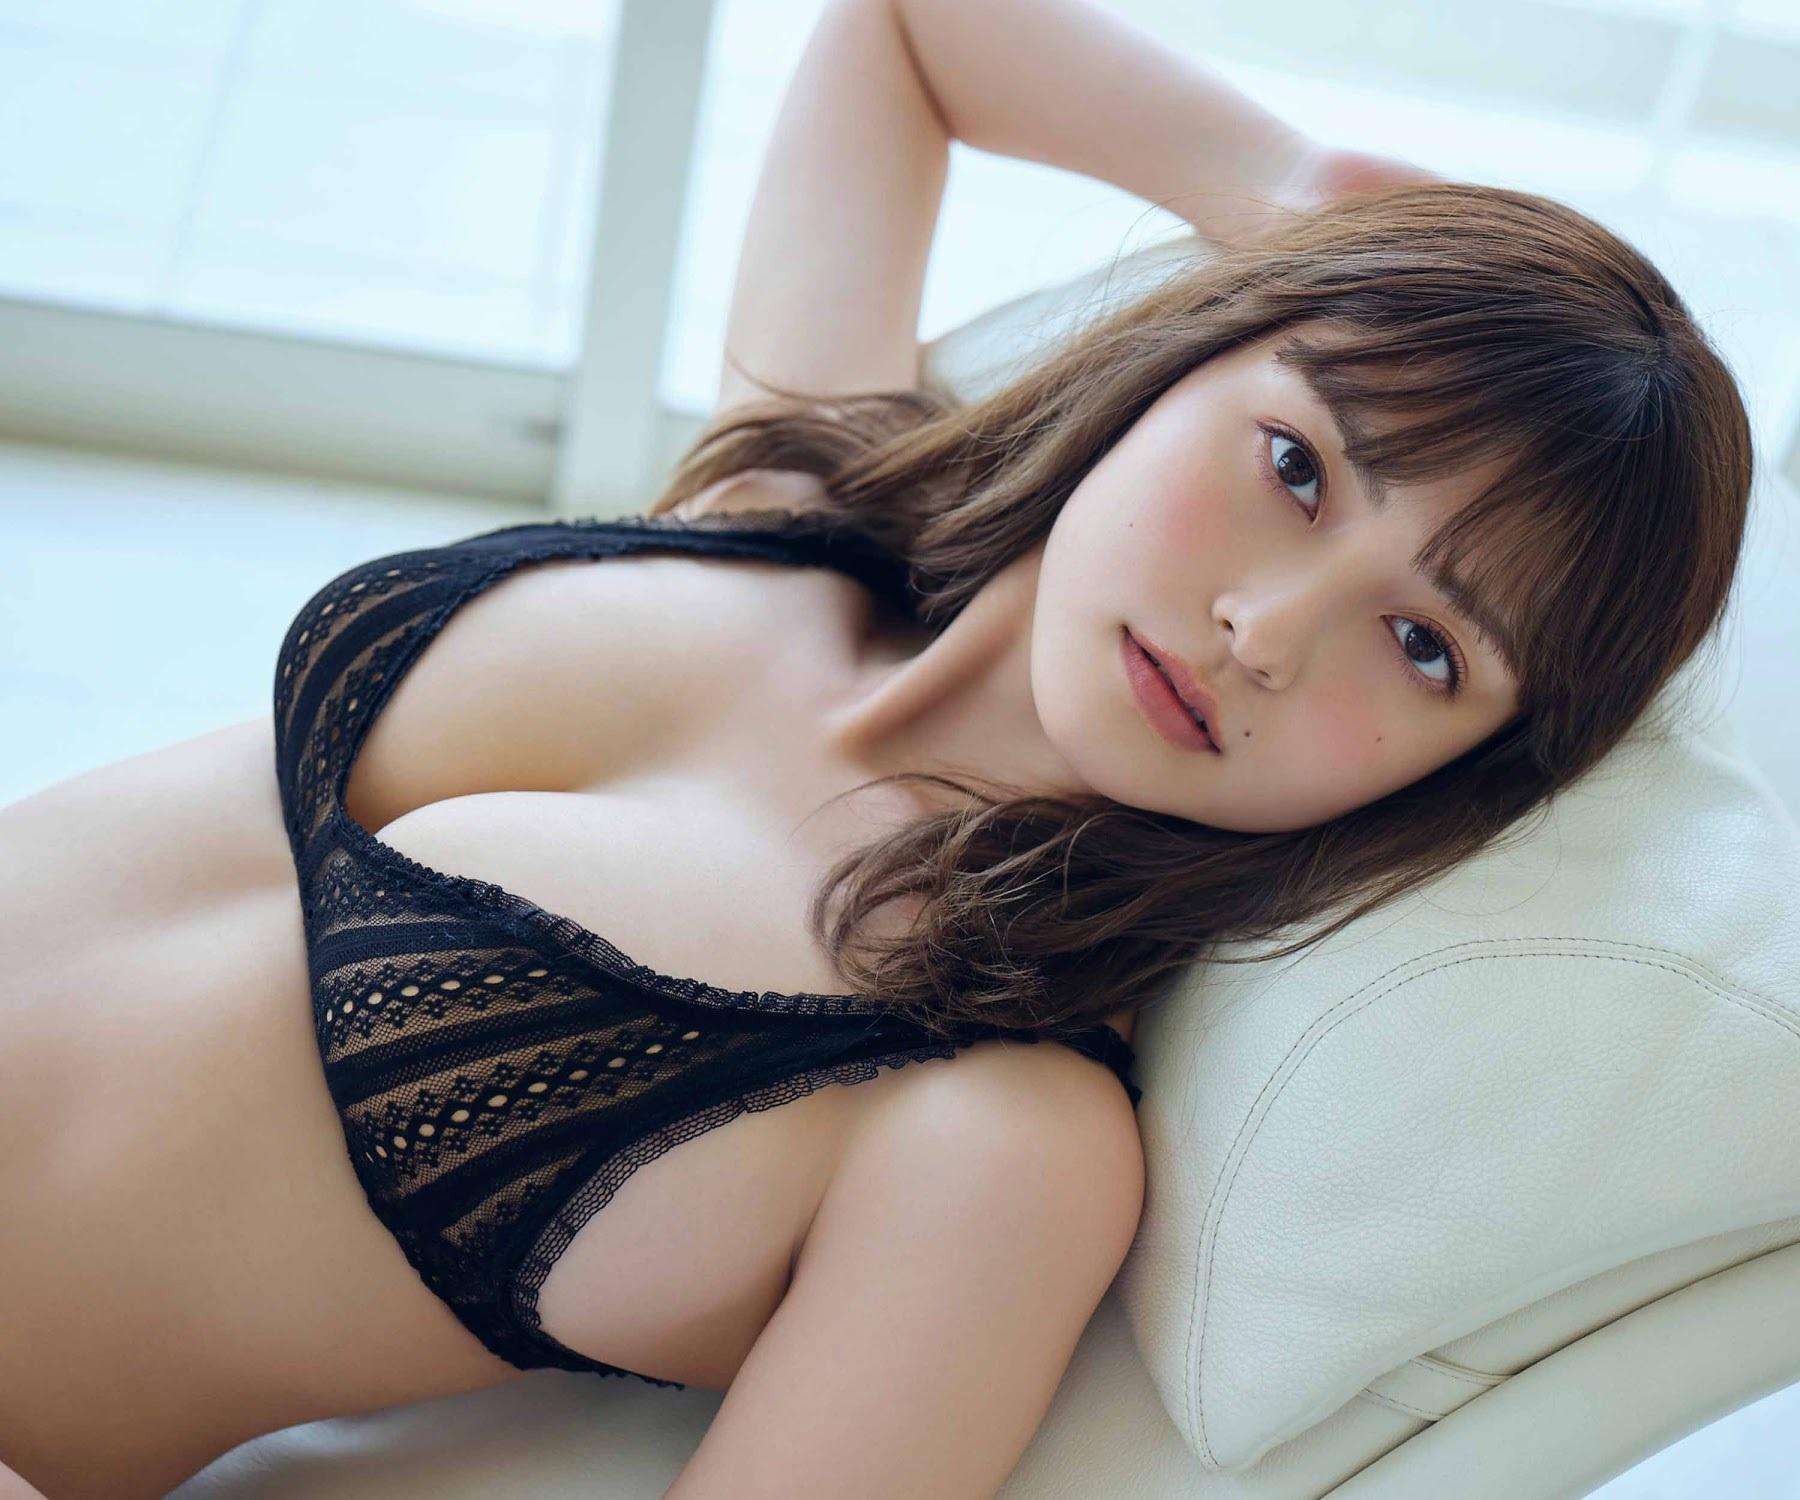 松本真理香 樱井音乃 羽柴なつみ-Weekly Playboy 2021第23期 高清套图 第30张